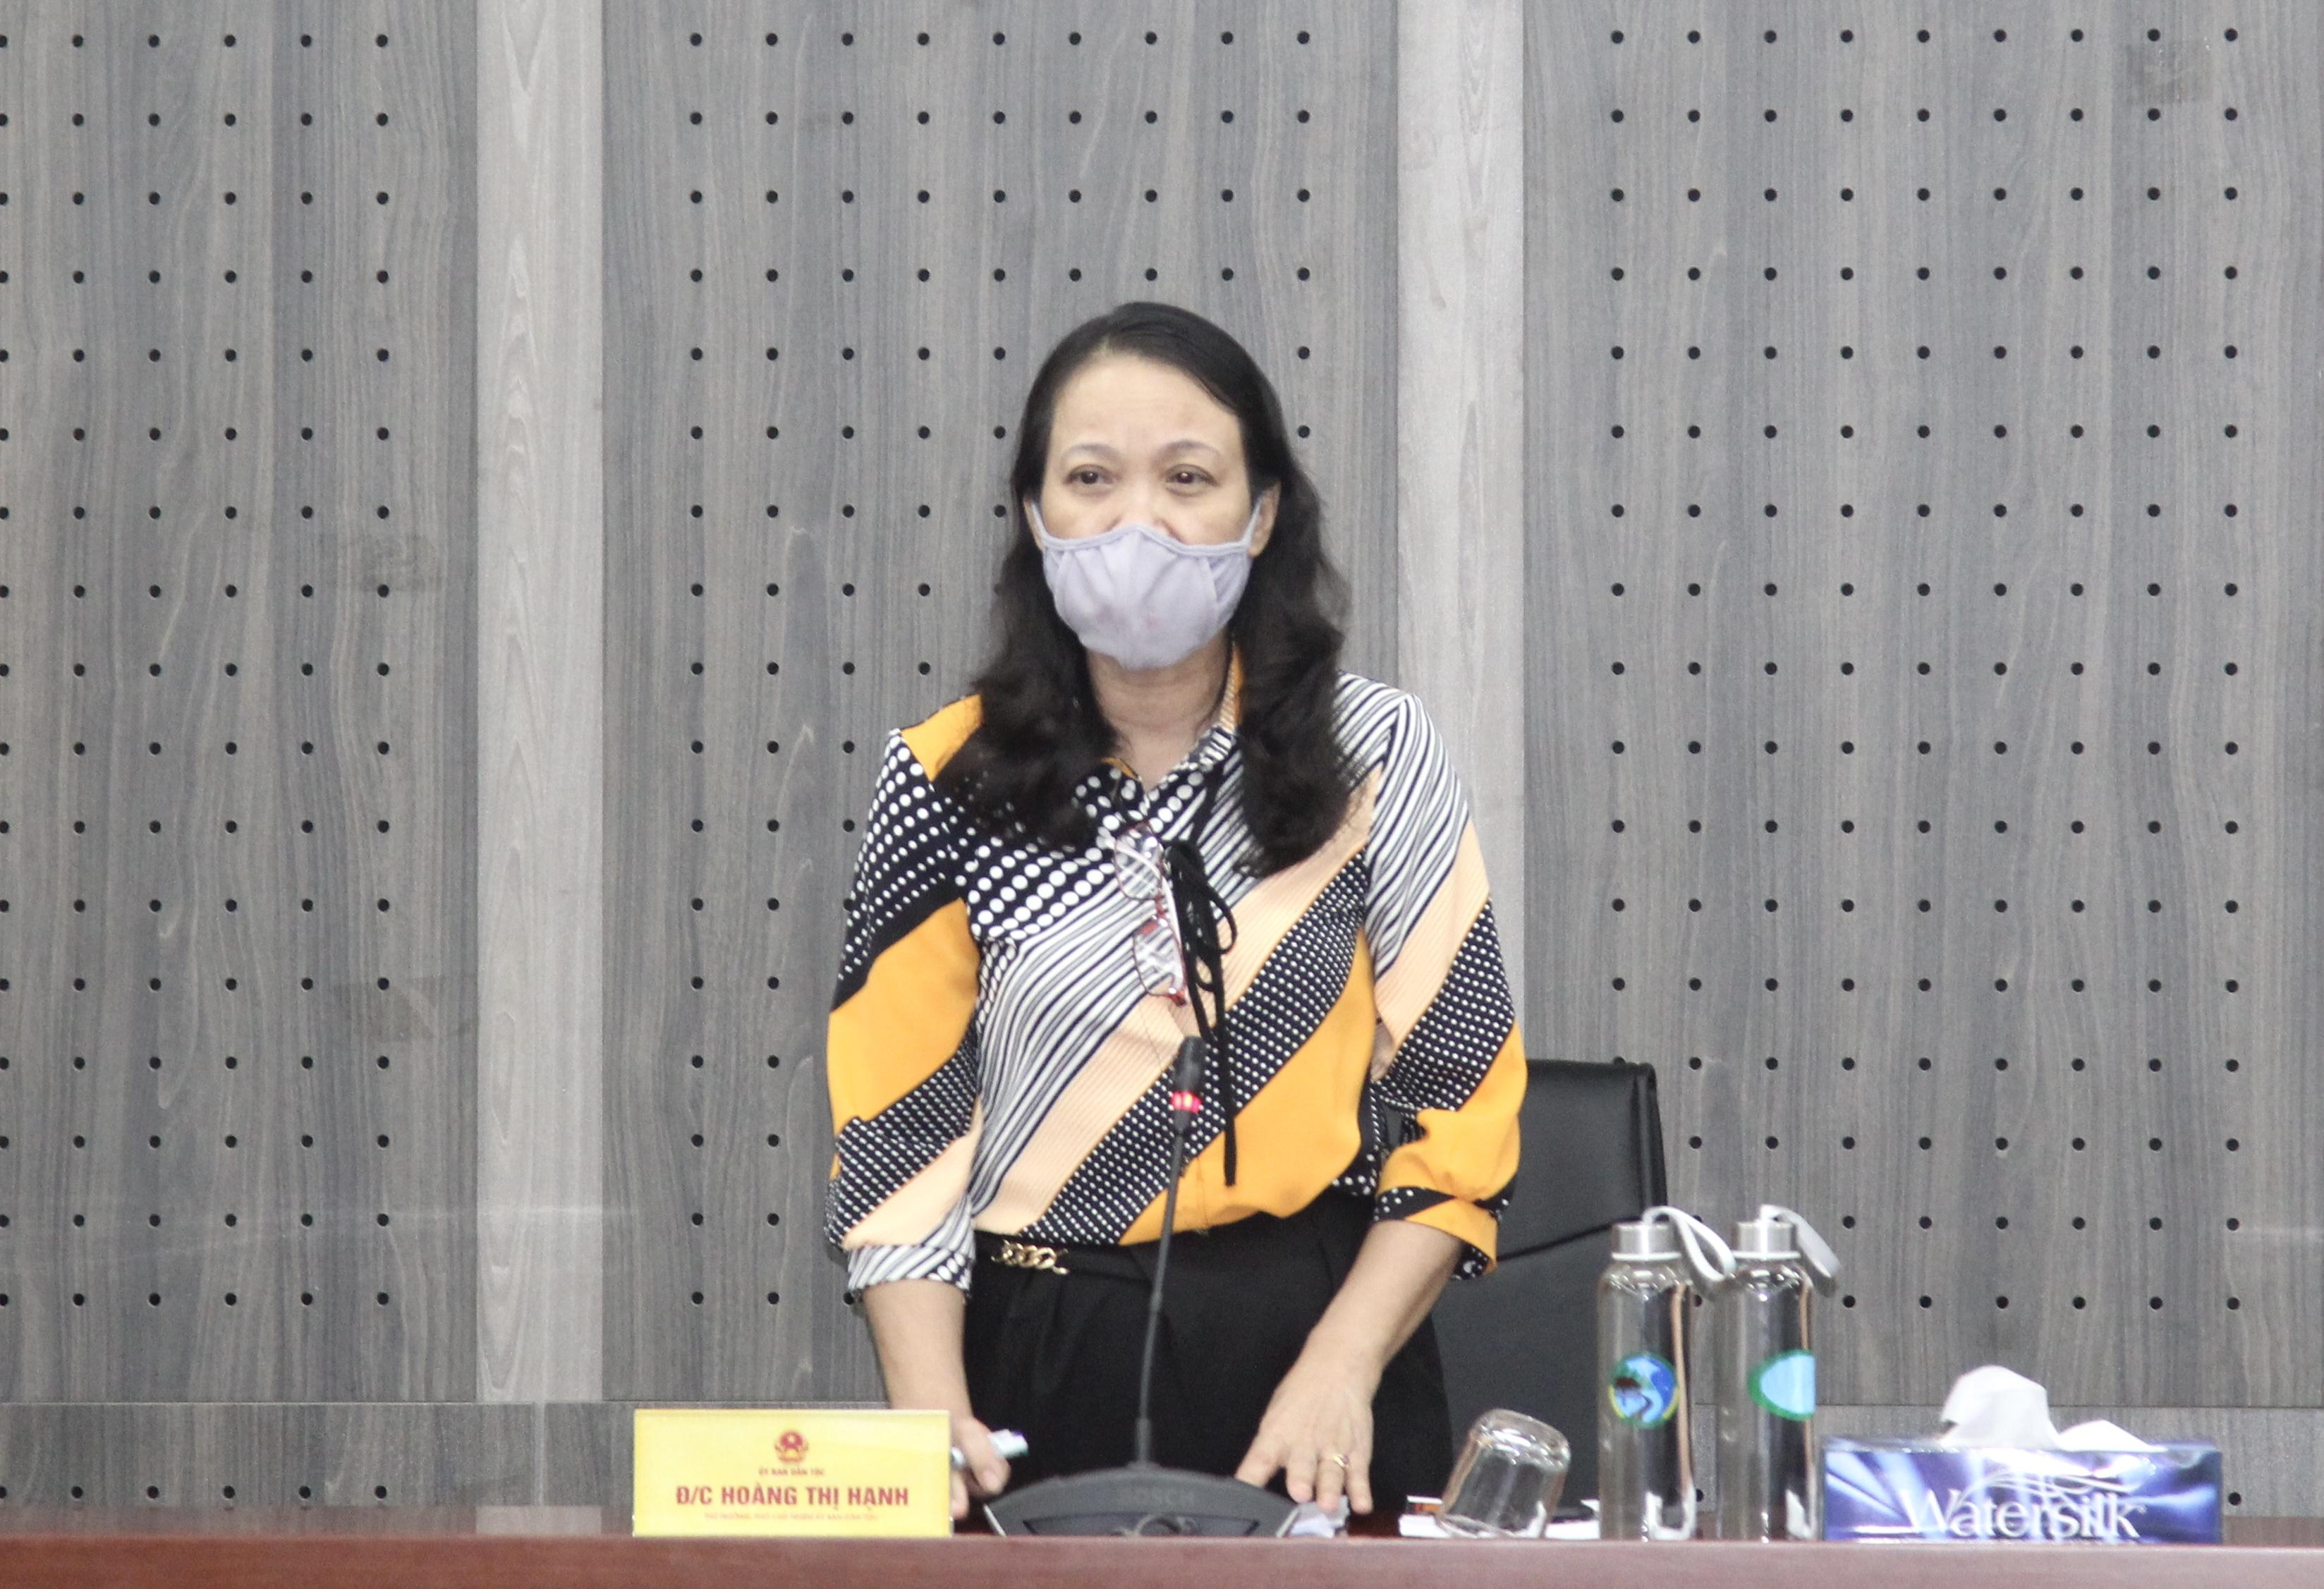 Thứ trưởng, Phó Chủ nhiệm Hoàng Thị Hạnh, Trưởng Ban Chỉ đạo phòng, chống Covid-19 UBDT phát biểu tại cuộc họp